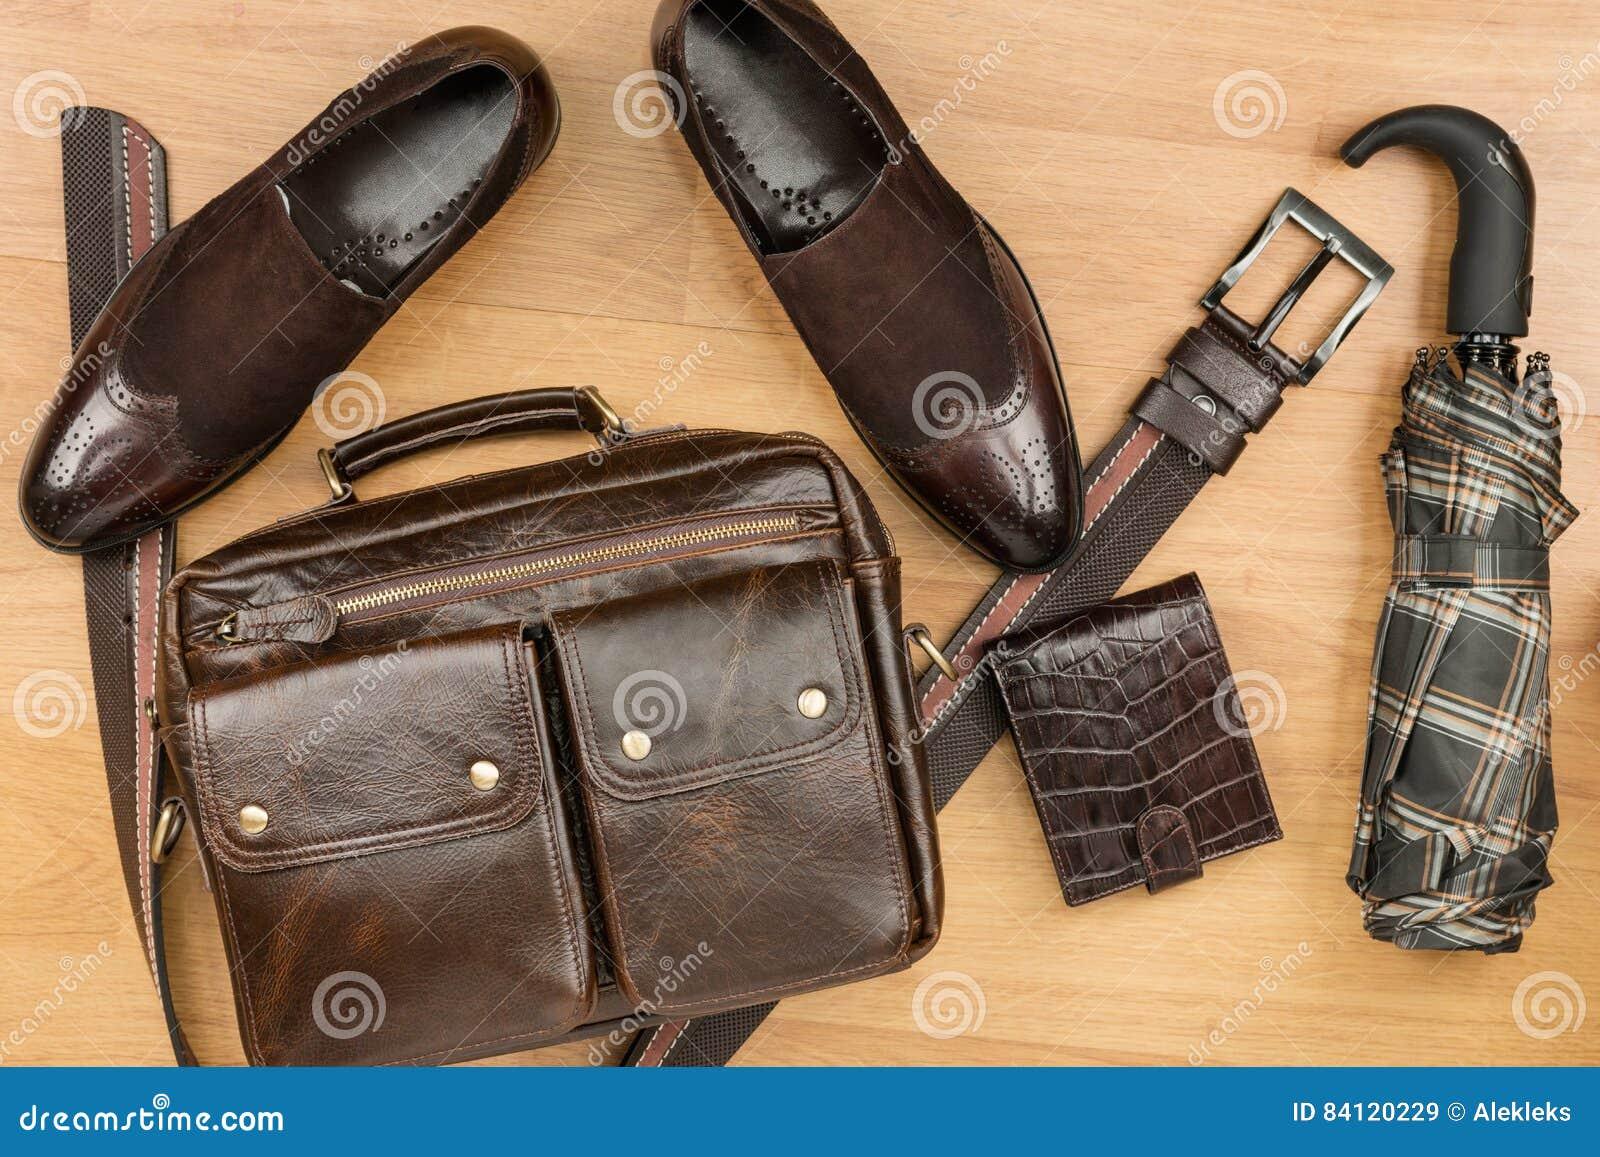 Klassieke bruine suèdeschoenen, aktentas, riem en paraplu op de houten vloer